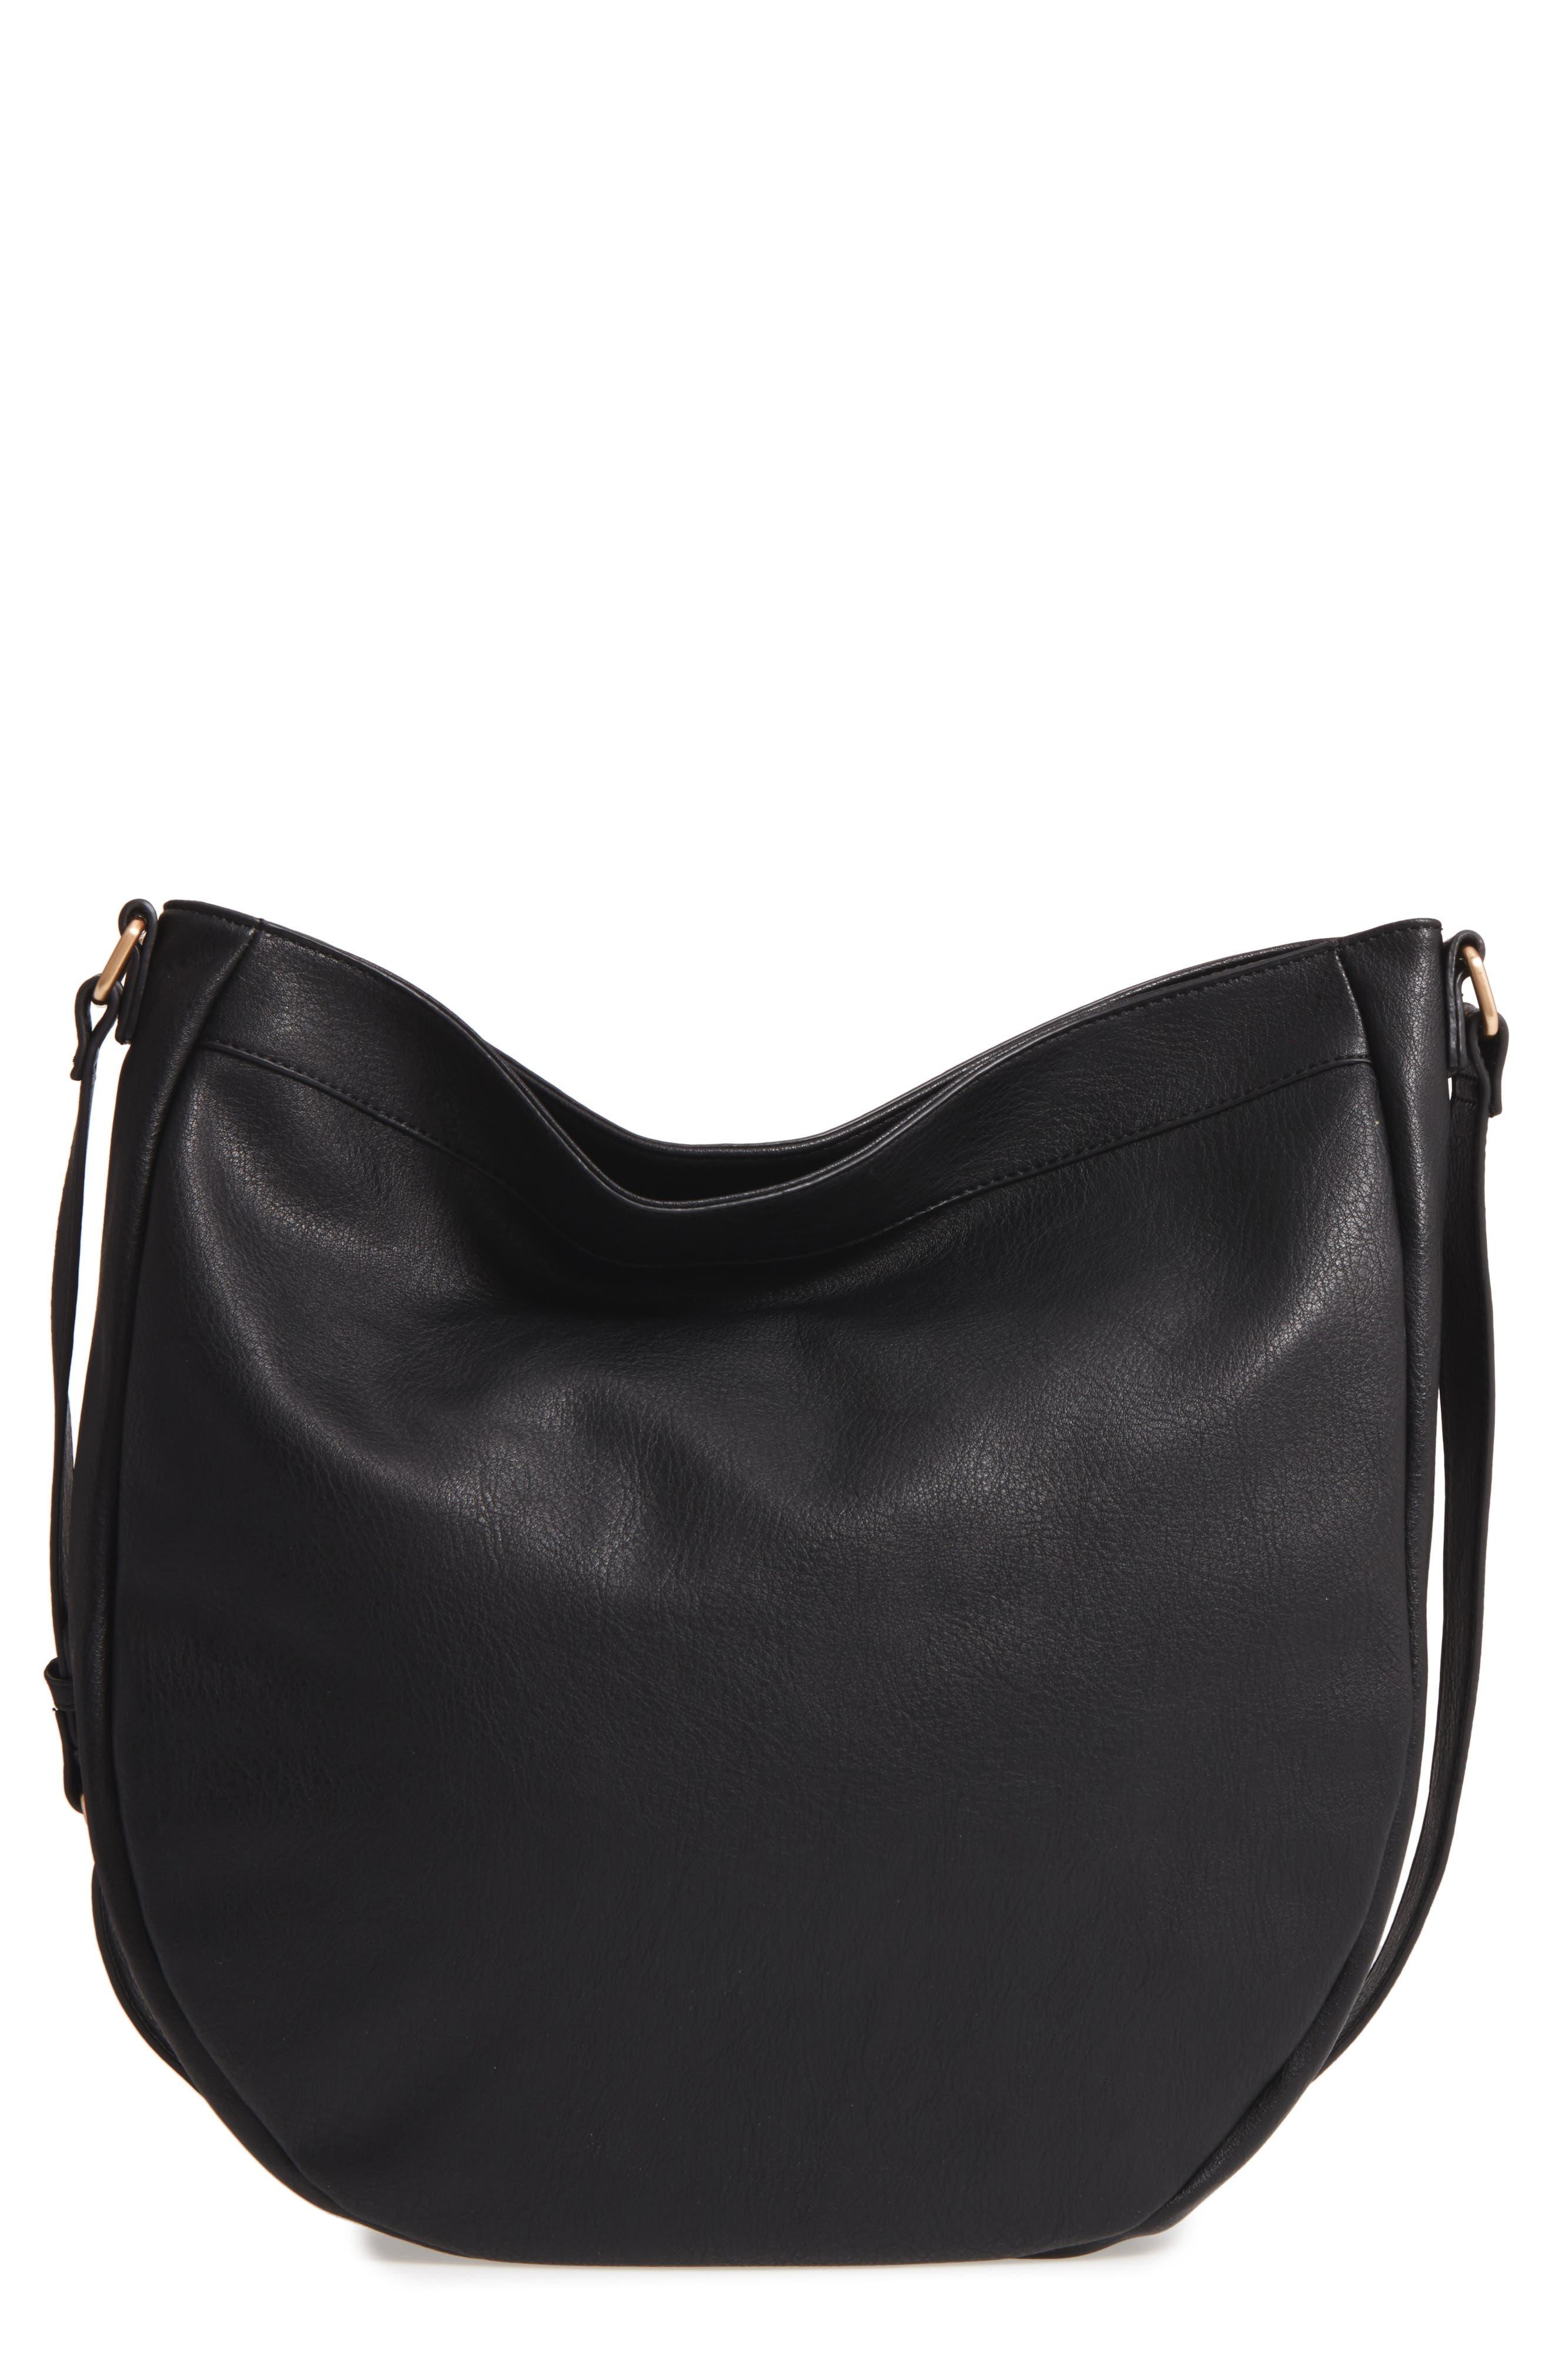 Kadence Faux Leather Shoulder Bag,                         Main,                         color,